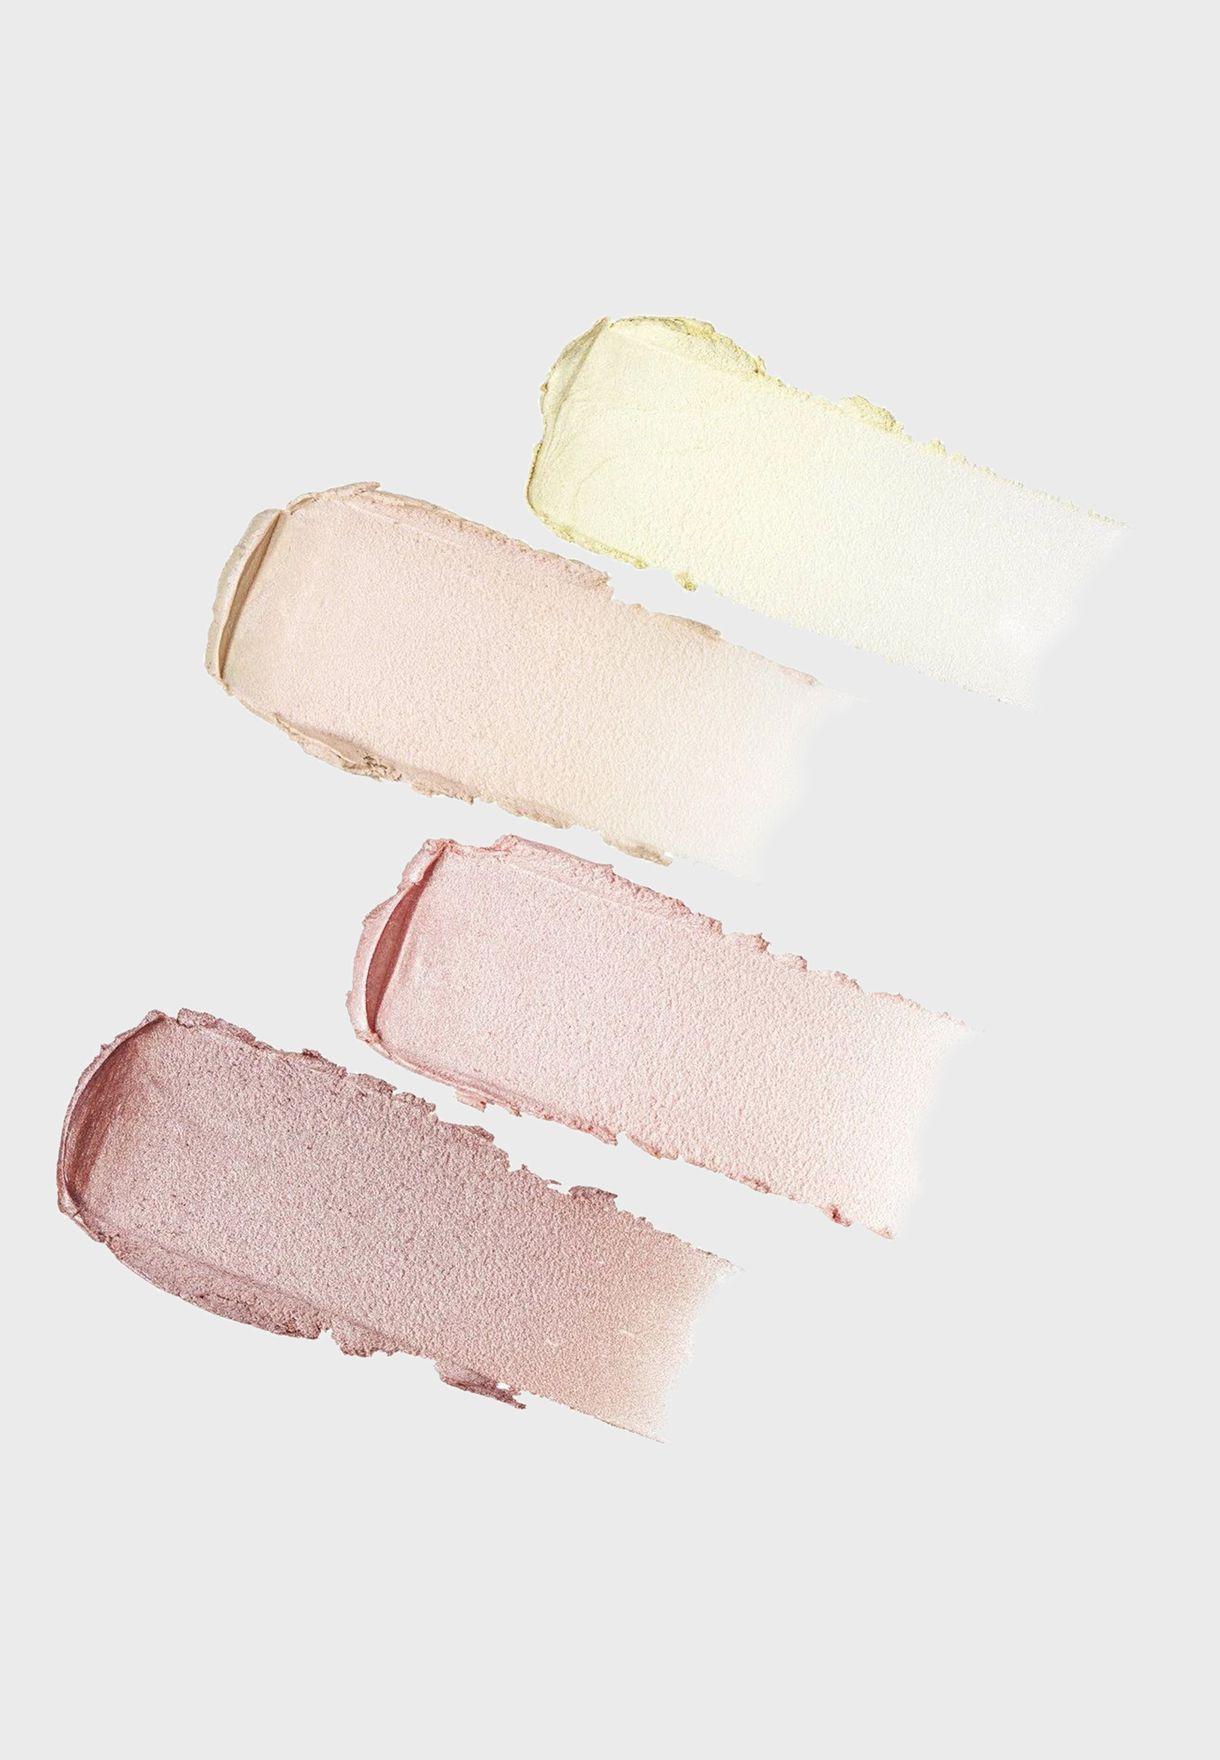 Ultra Glow Crème Highlighter Quad